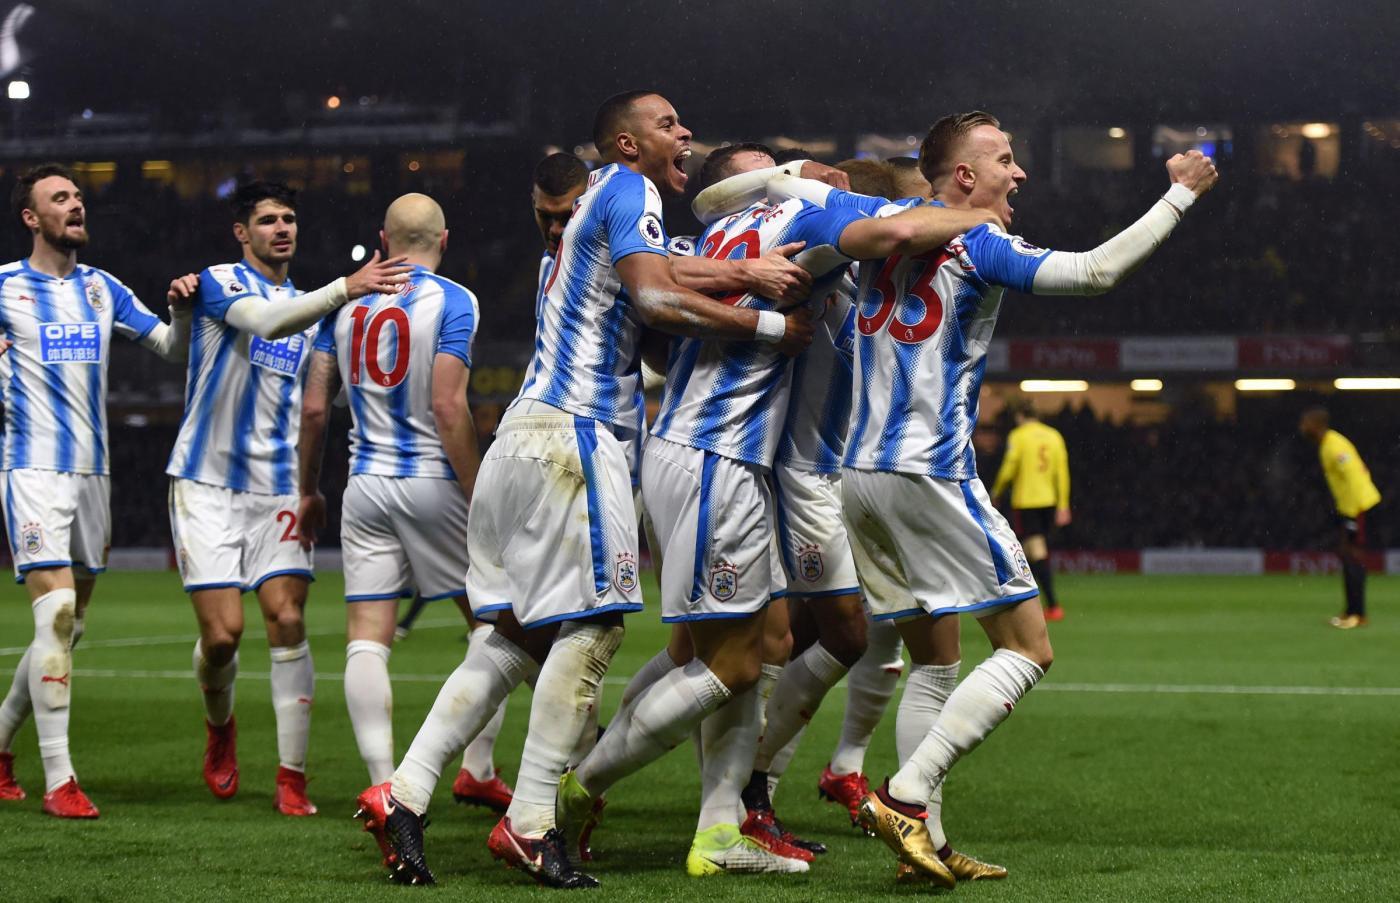 Premier League, Huddersfield-Manchester City 20 gennaio: analisi e pronostico della giornata della massima divisione calcistica inglese